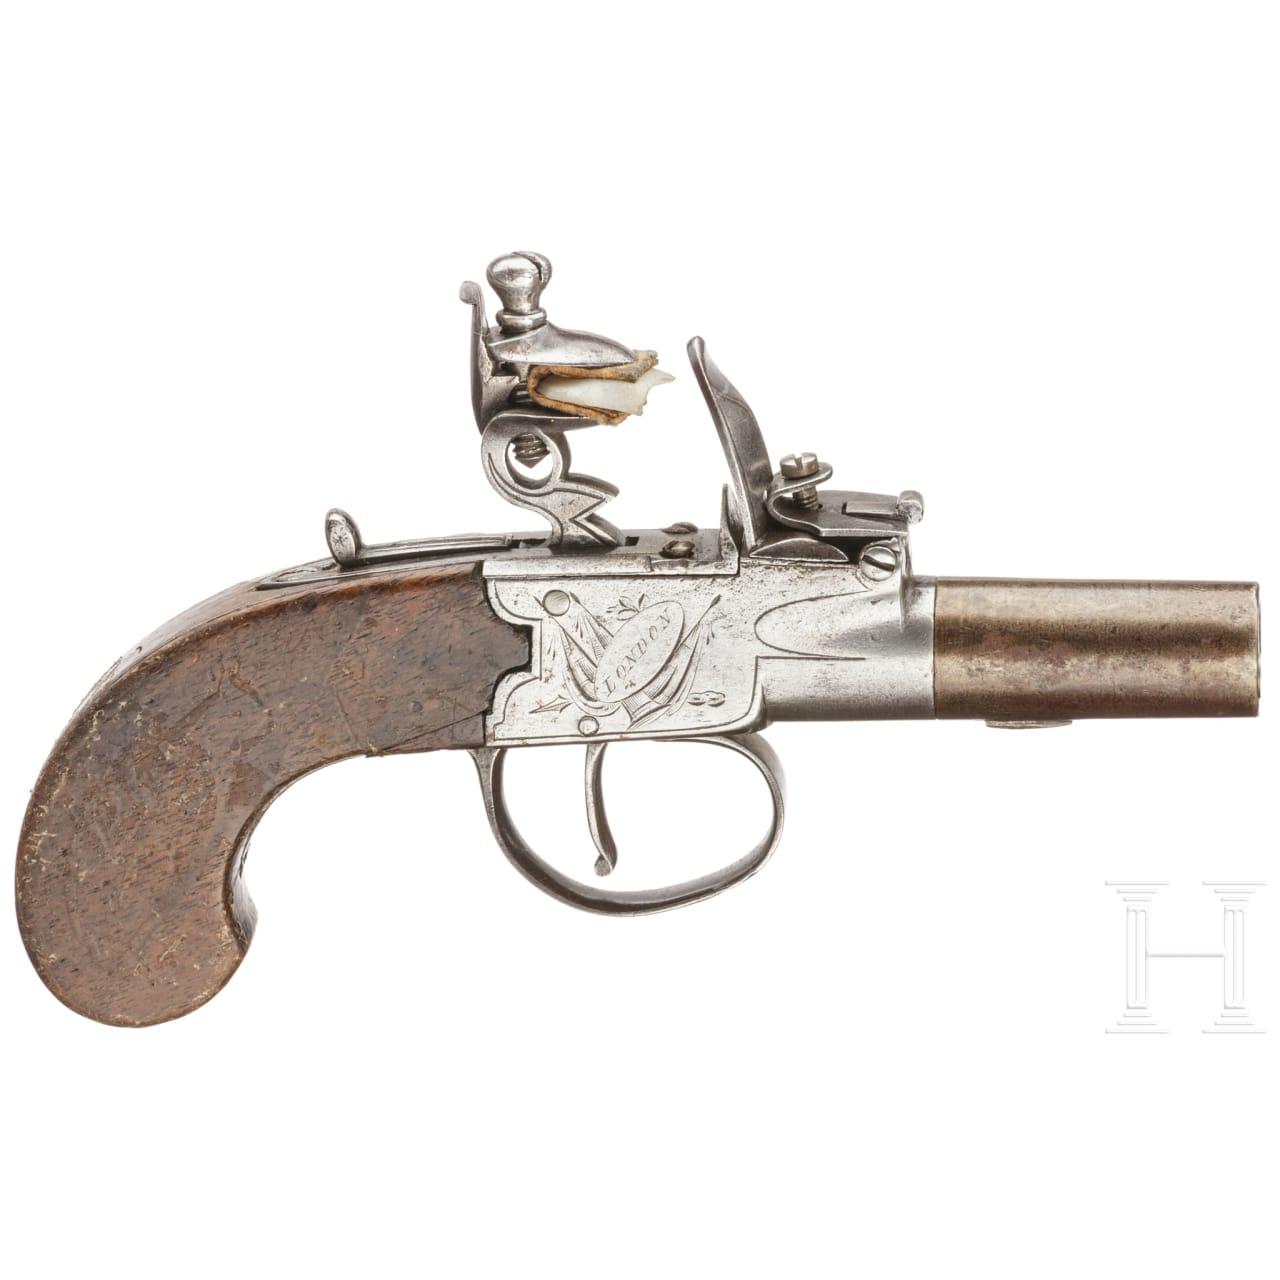 A flintlock pocket pistol by Spencer in London, circa 1800